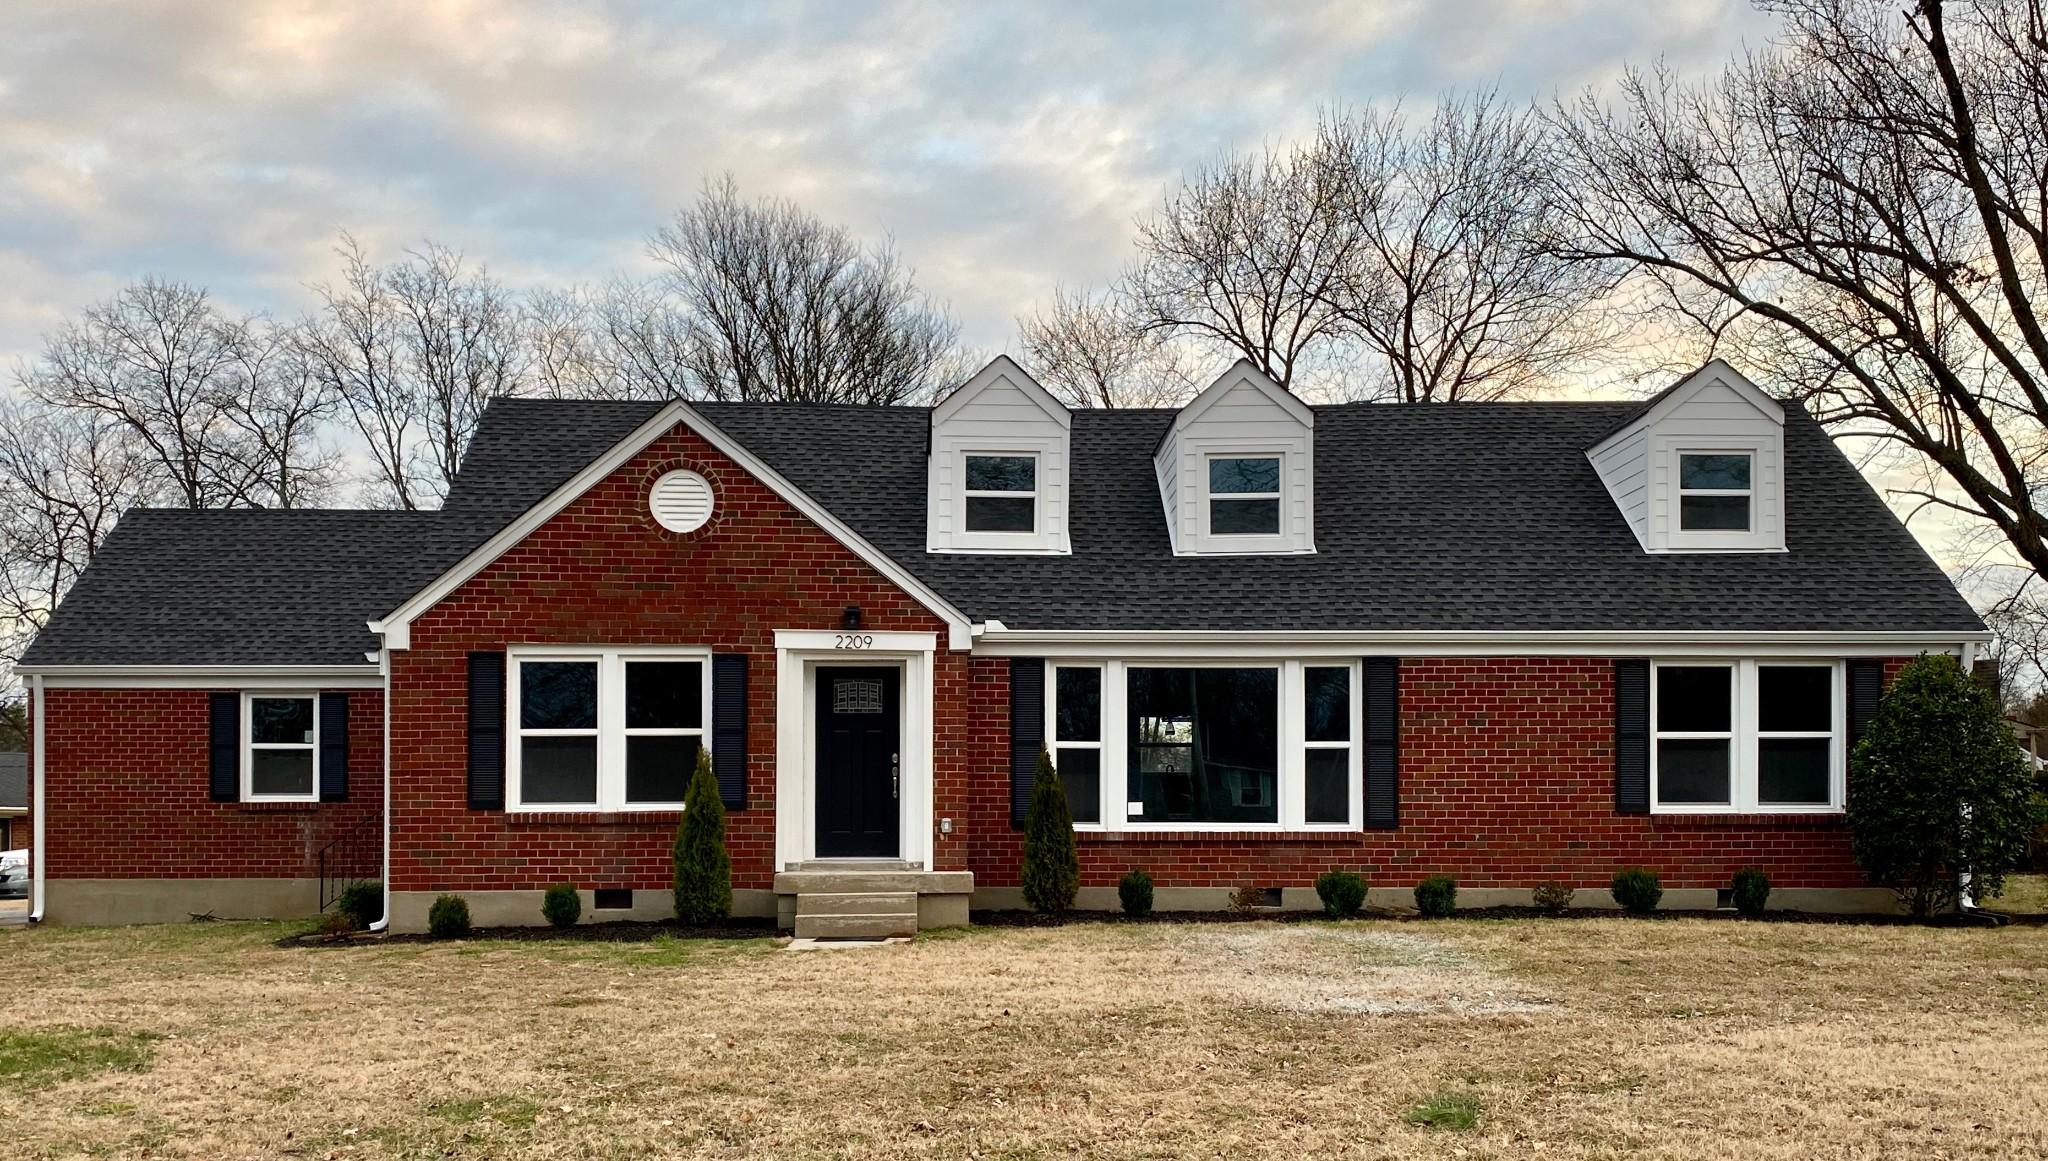 2209 Crestline Dr, Nashville, TN 37214 - Nashville, TN real estate listing